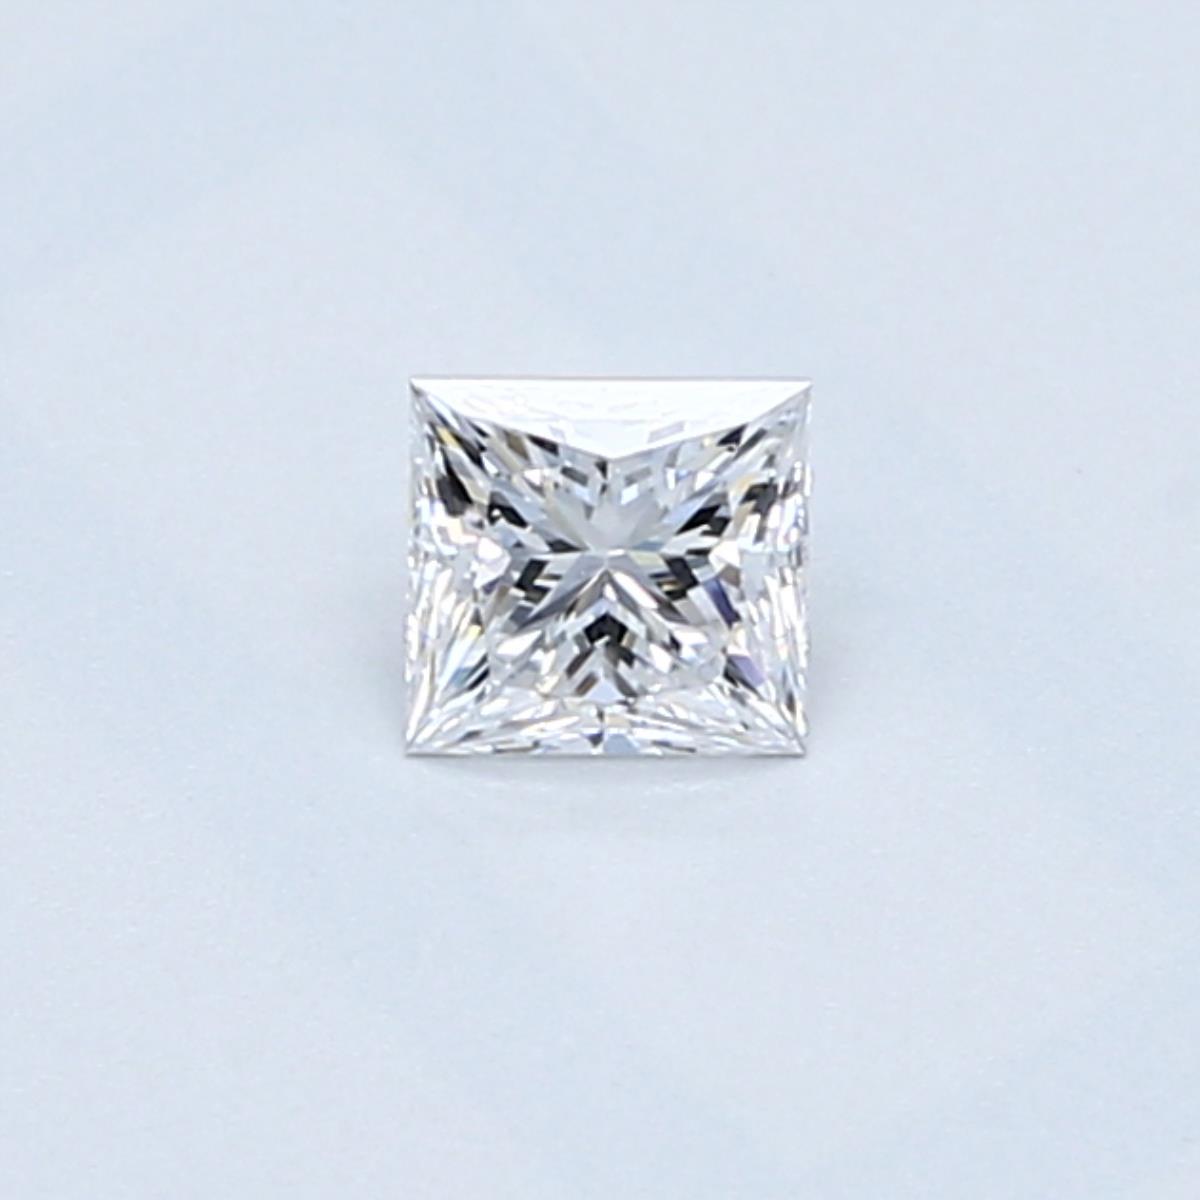 0.28 PR Diamond (D, VS1)